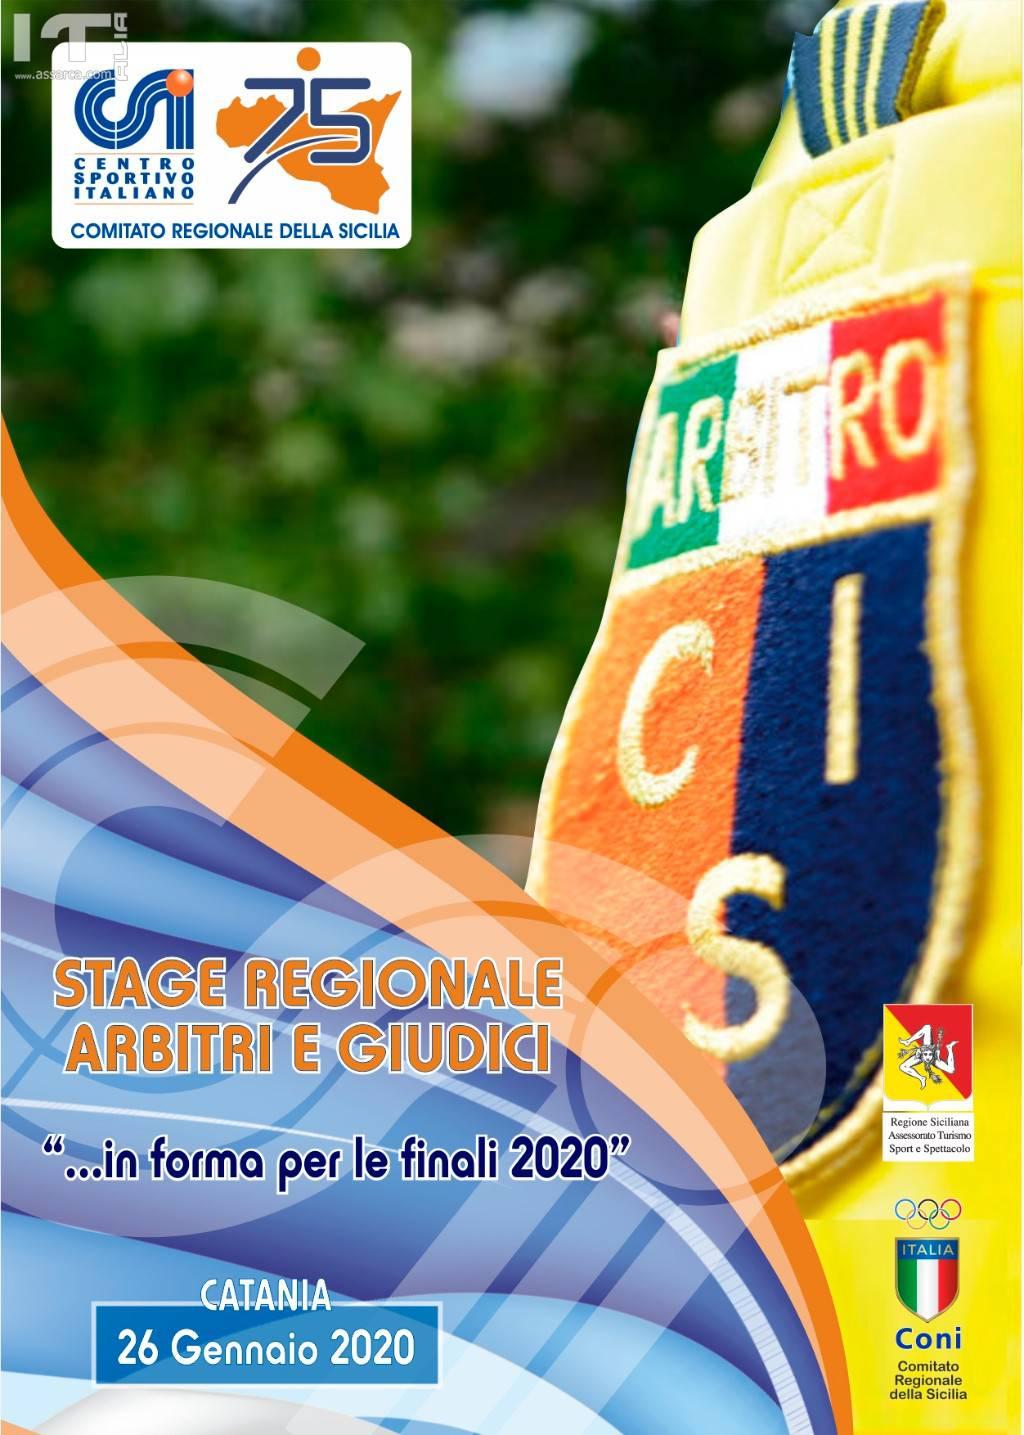 Stage Regionale Arbitri 2020 -  Catania 26 gennaio 2020.